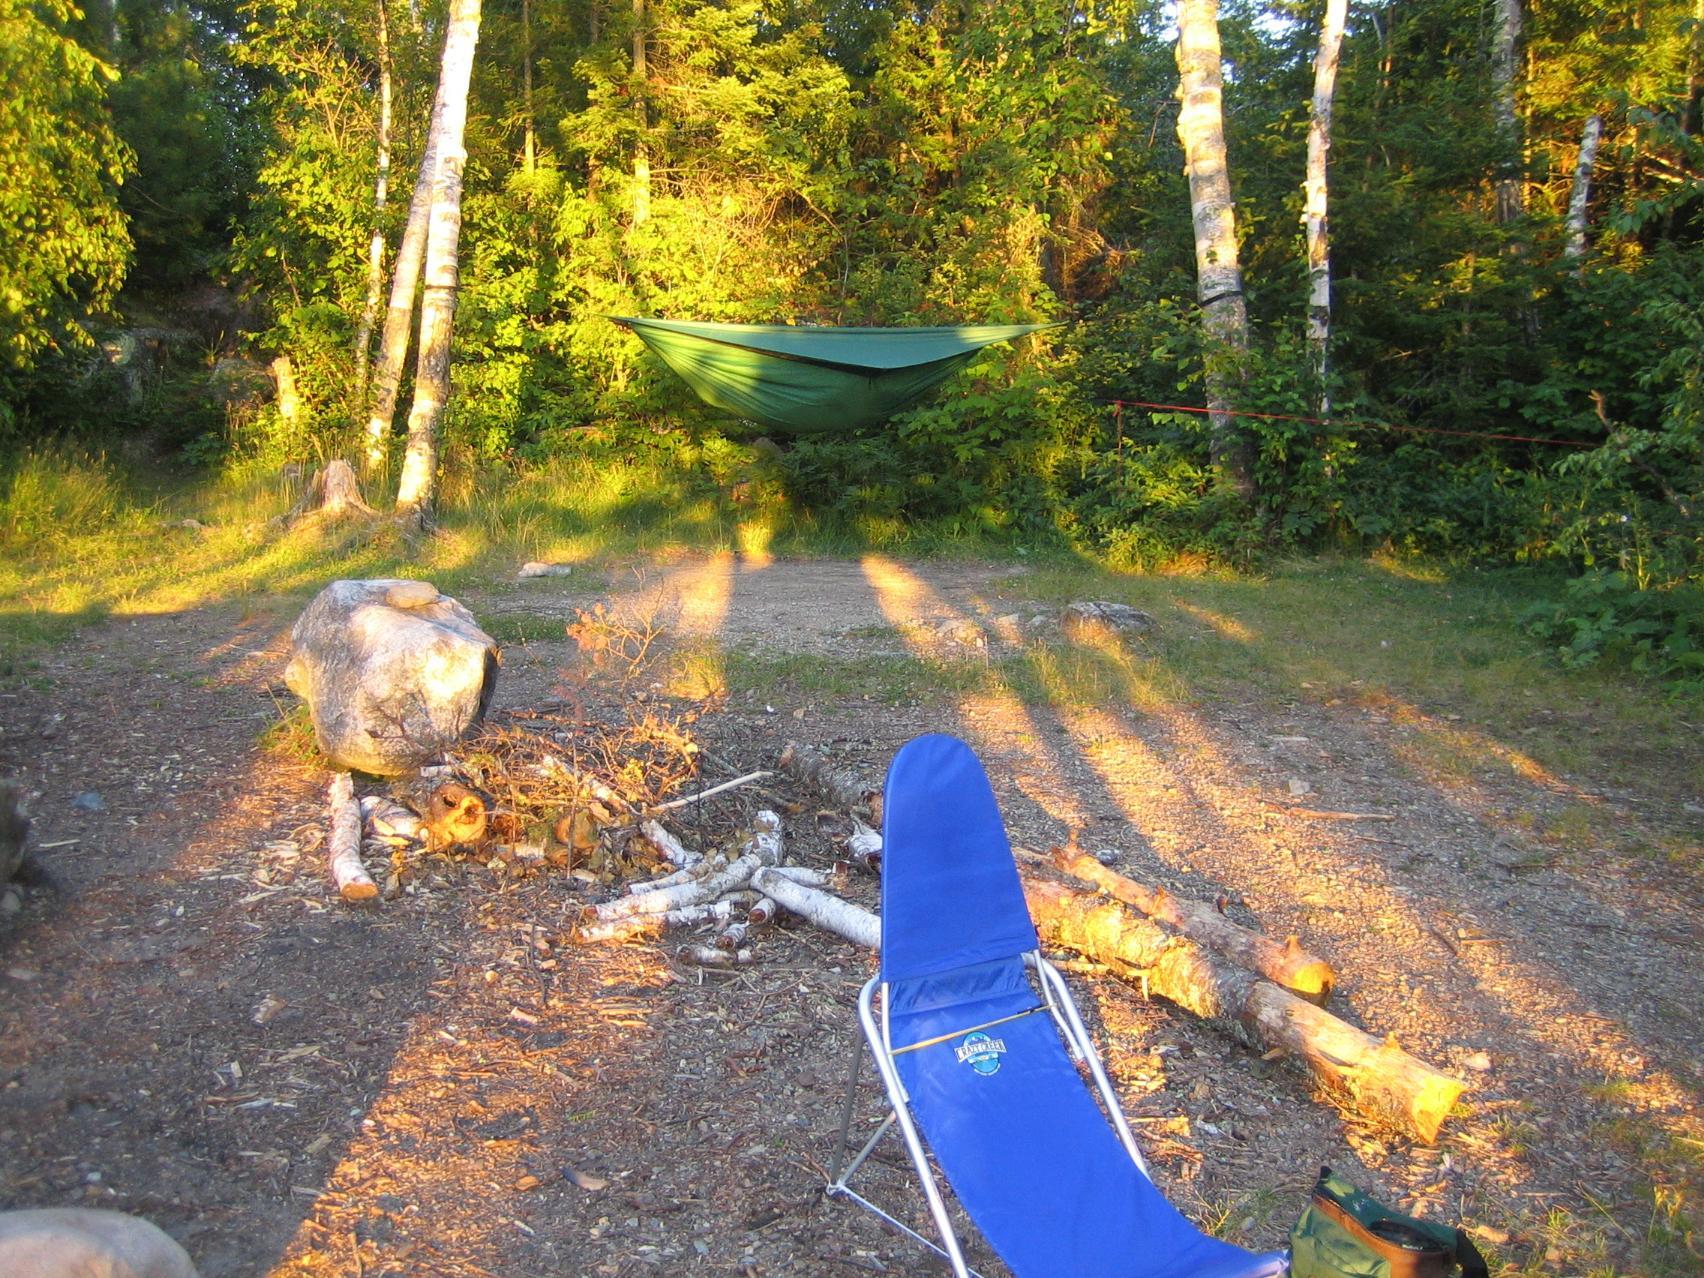 BWCA GCI Outdoor Trail Sling Ultralight Boundary Waters Gear Forum